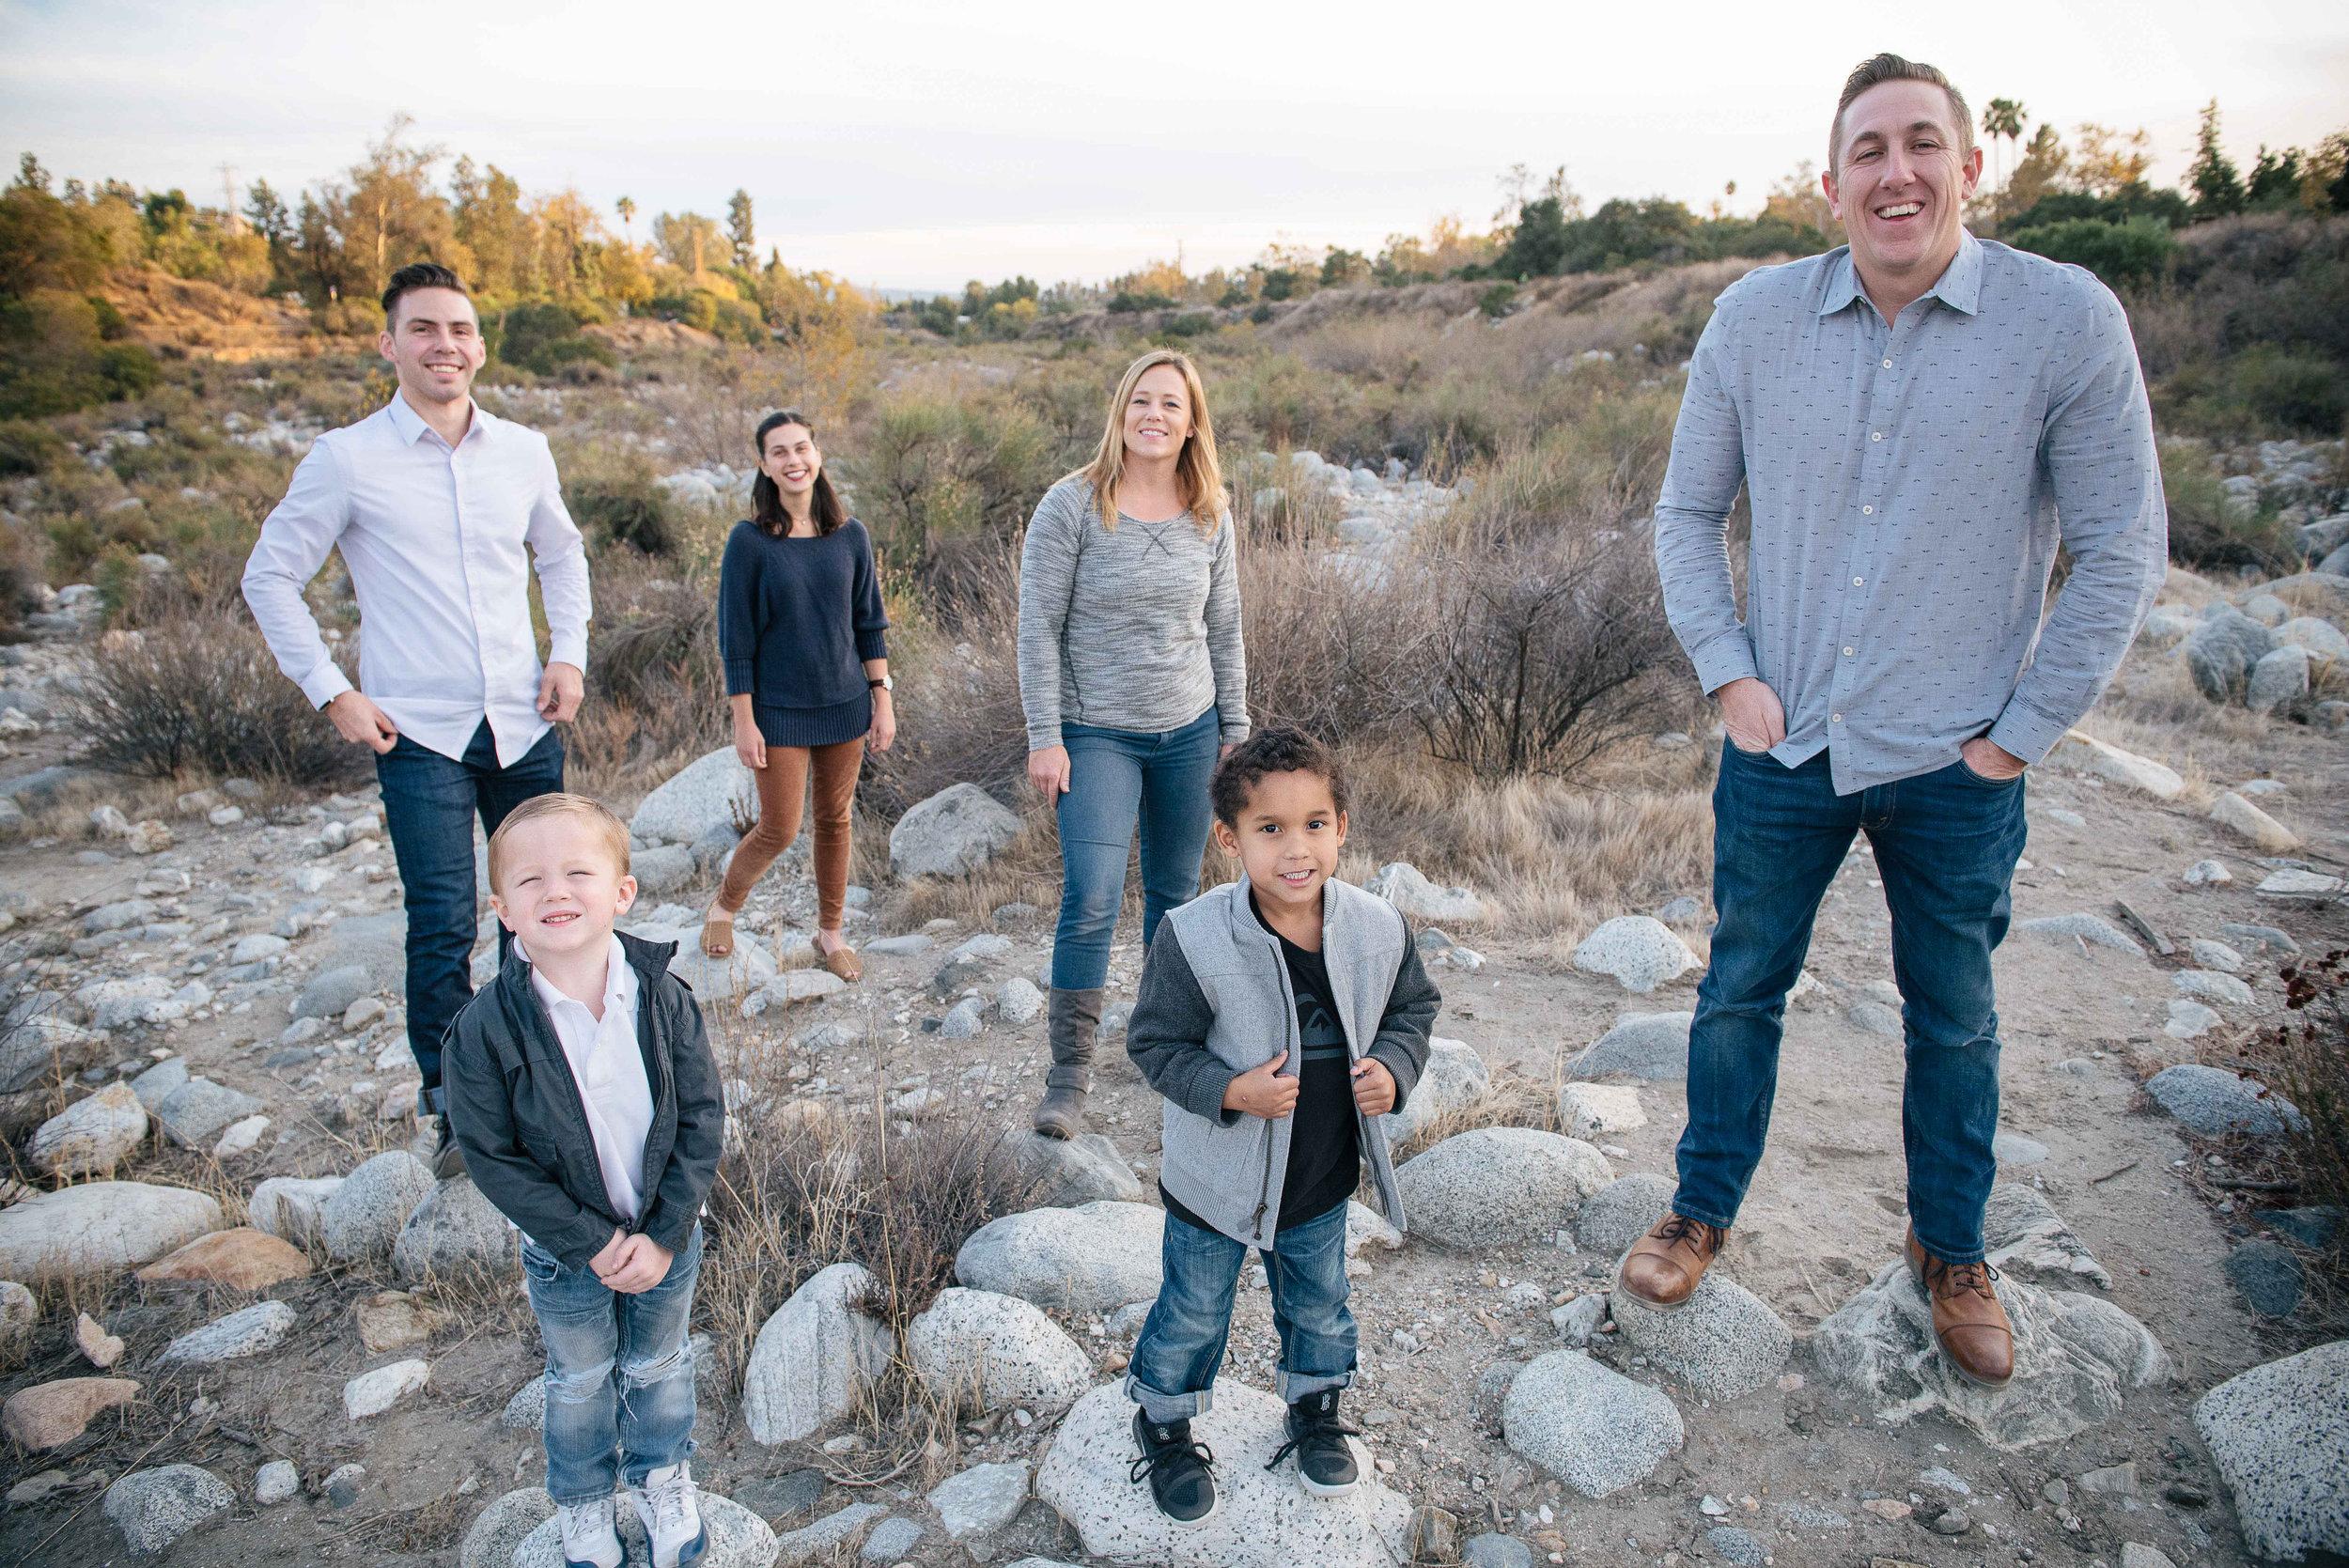 Eaton Canyon Family Shoot-1.jpg